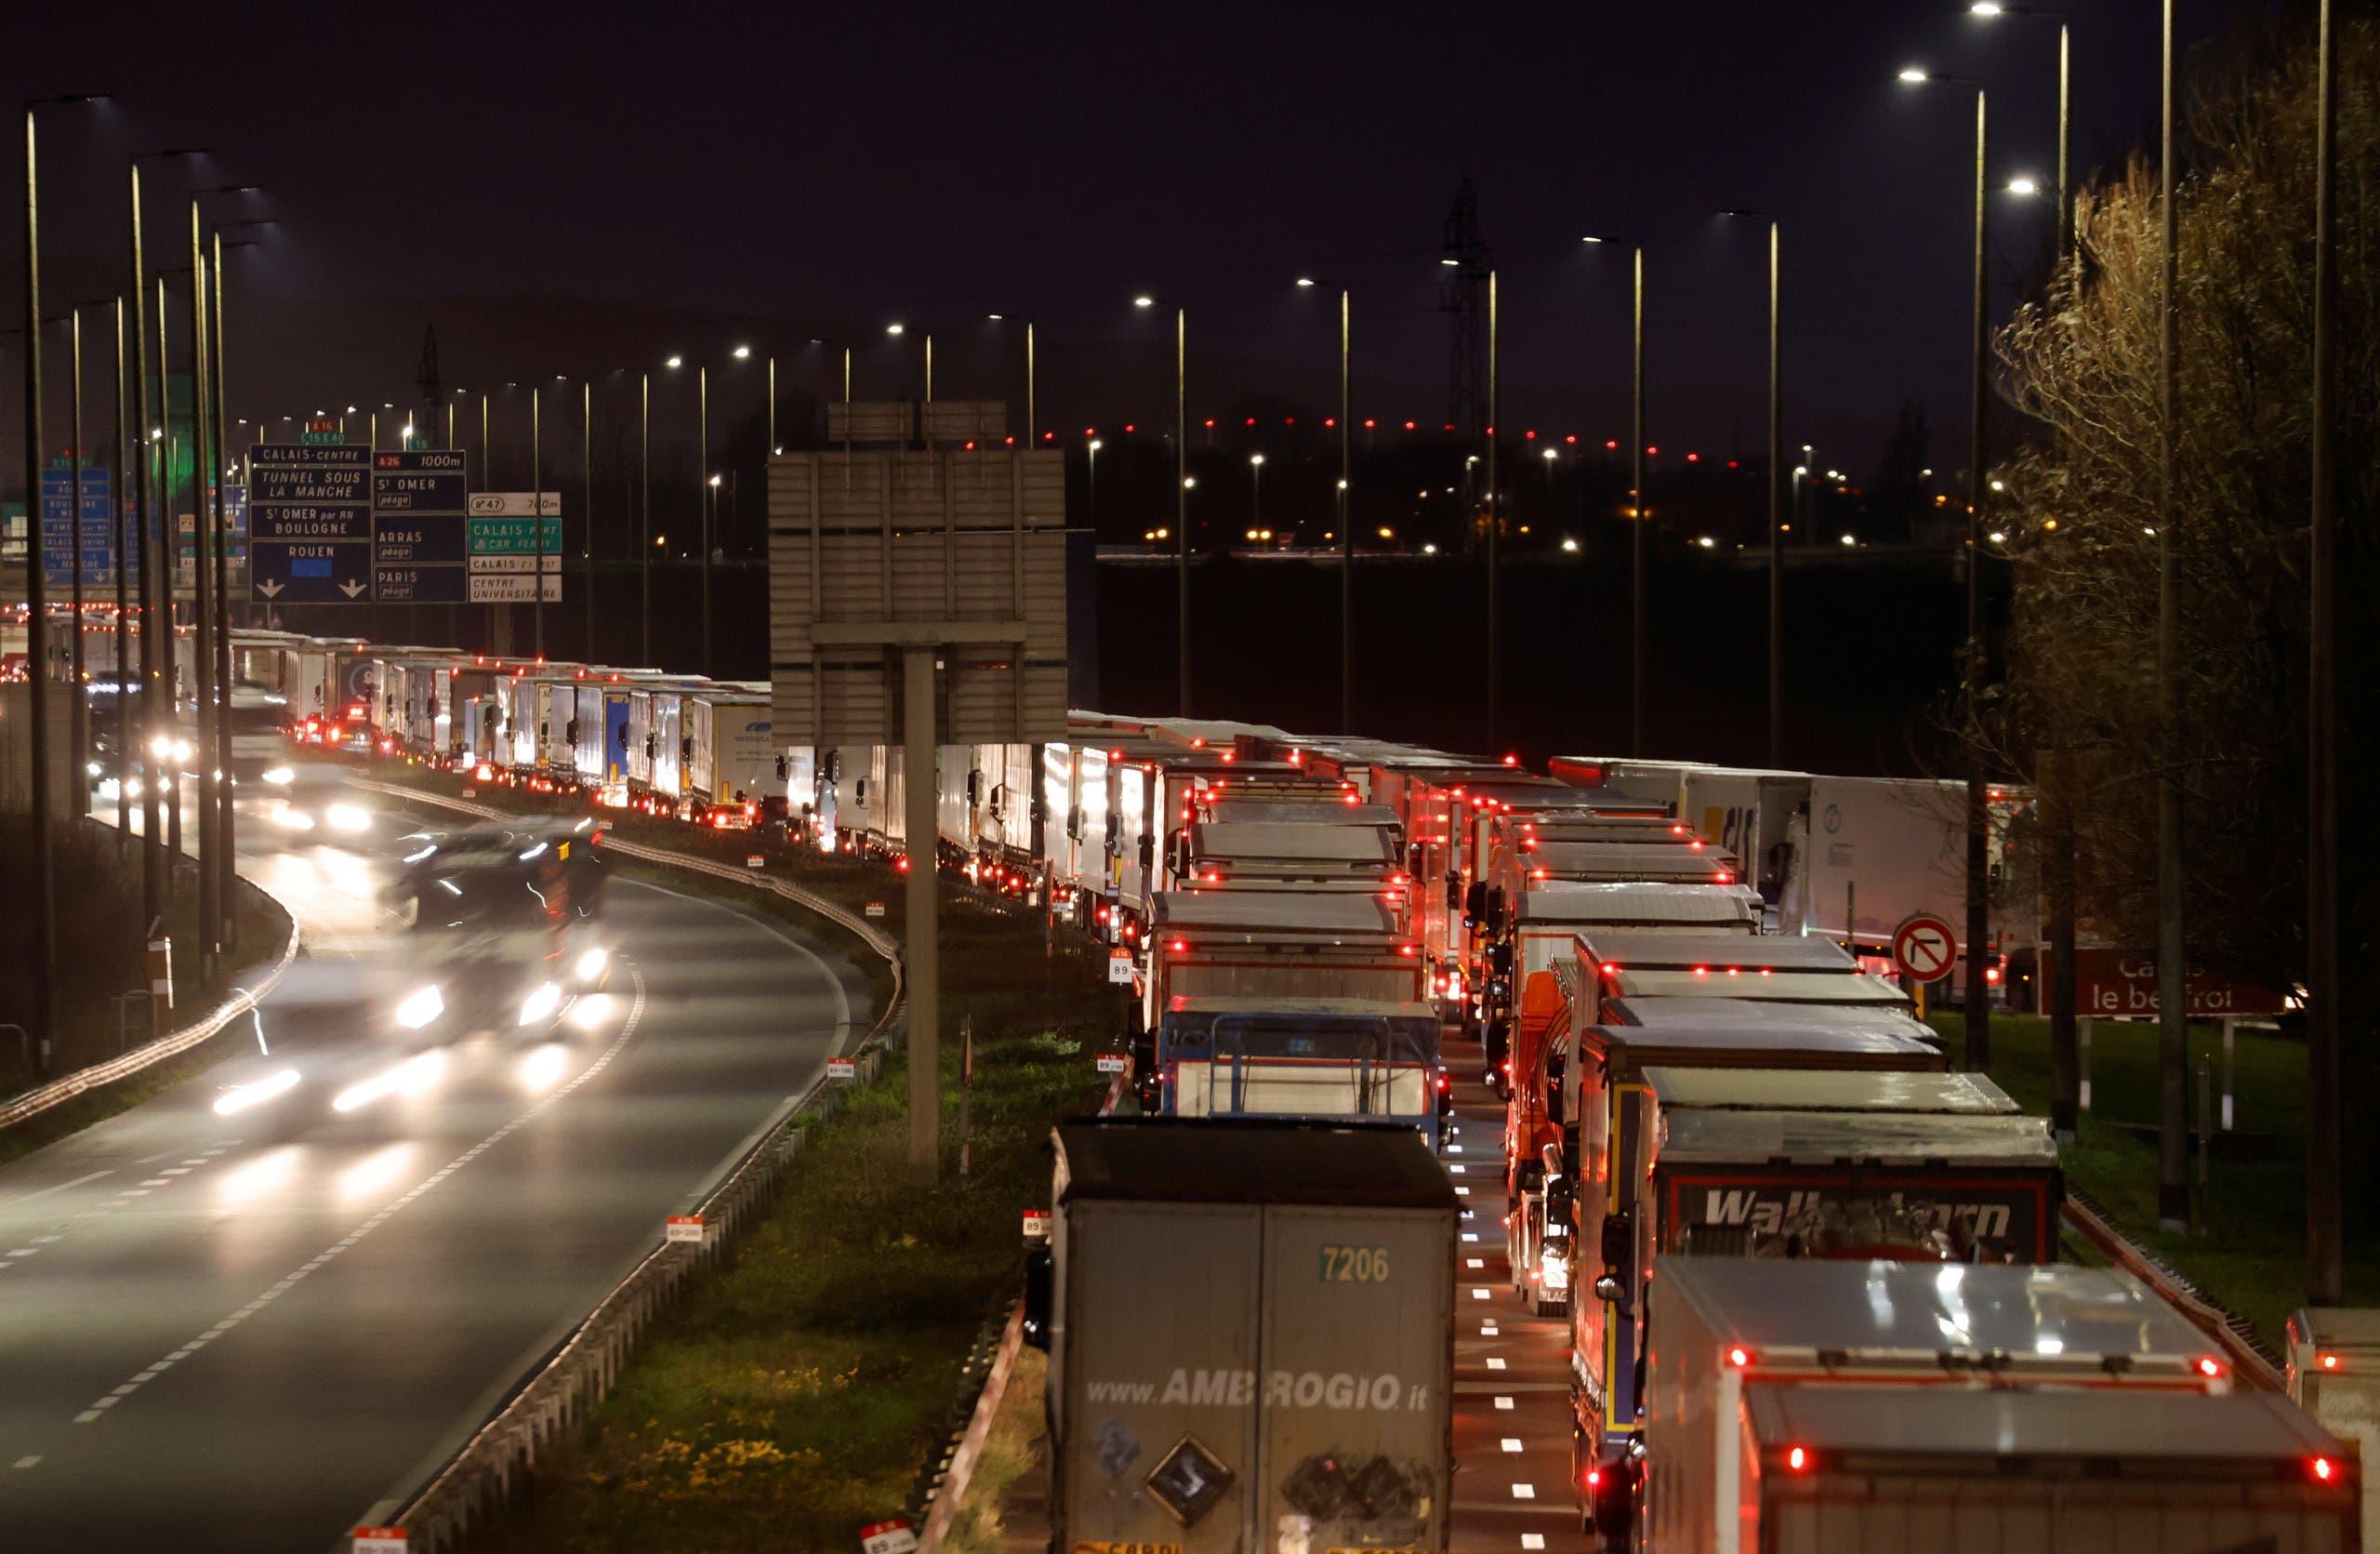 أعداد غير مسبوقة من شاحنات نقل البضائع تسعى للعبور من فرنسا إلى بريطانيا